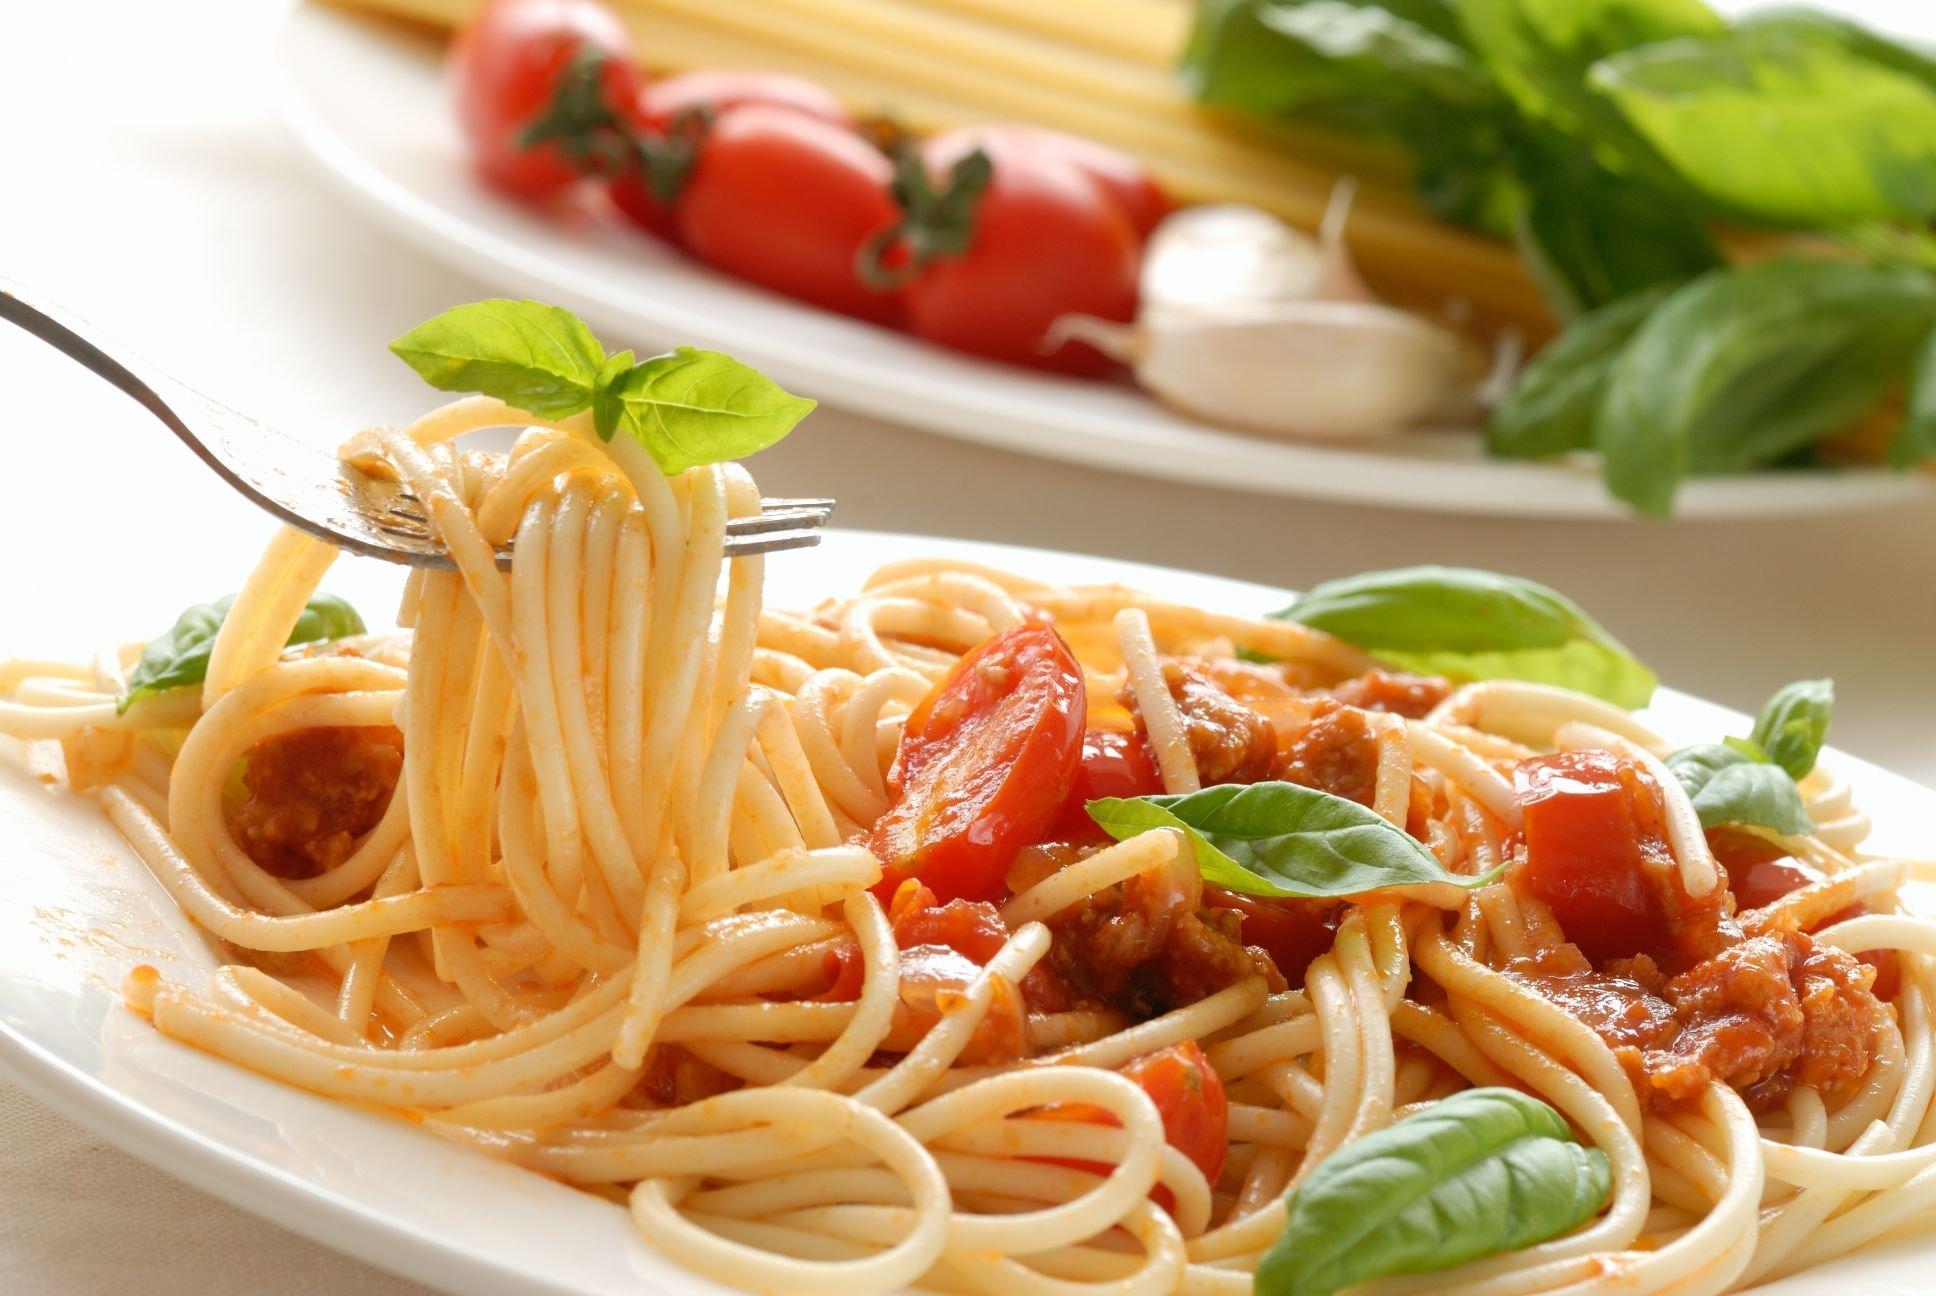 25% российских туристов выбирают итальянскую кухню